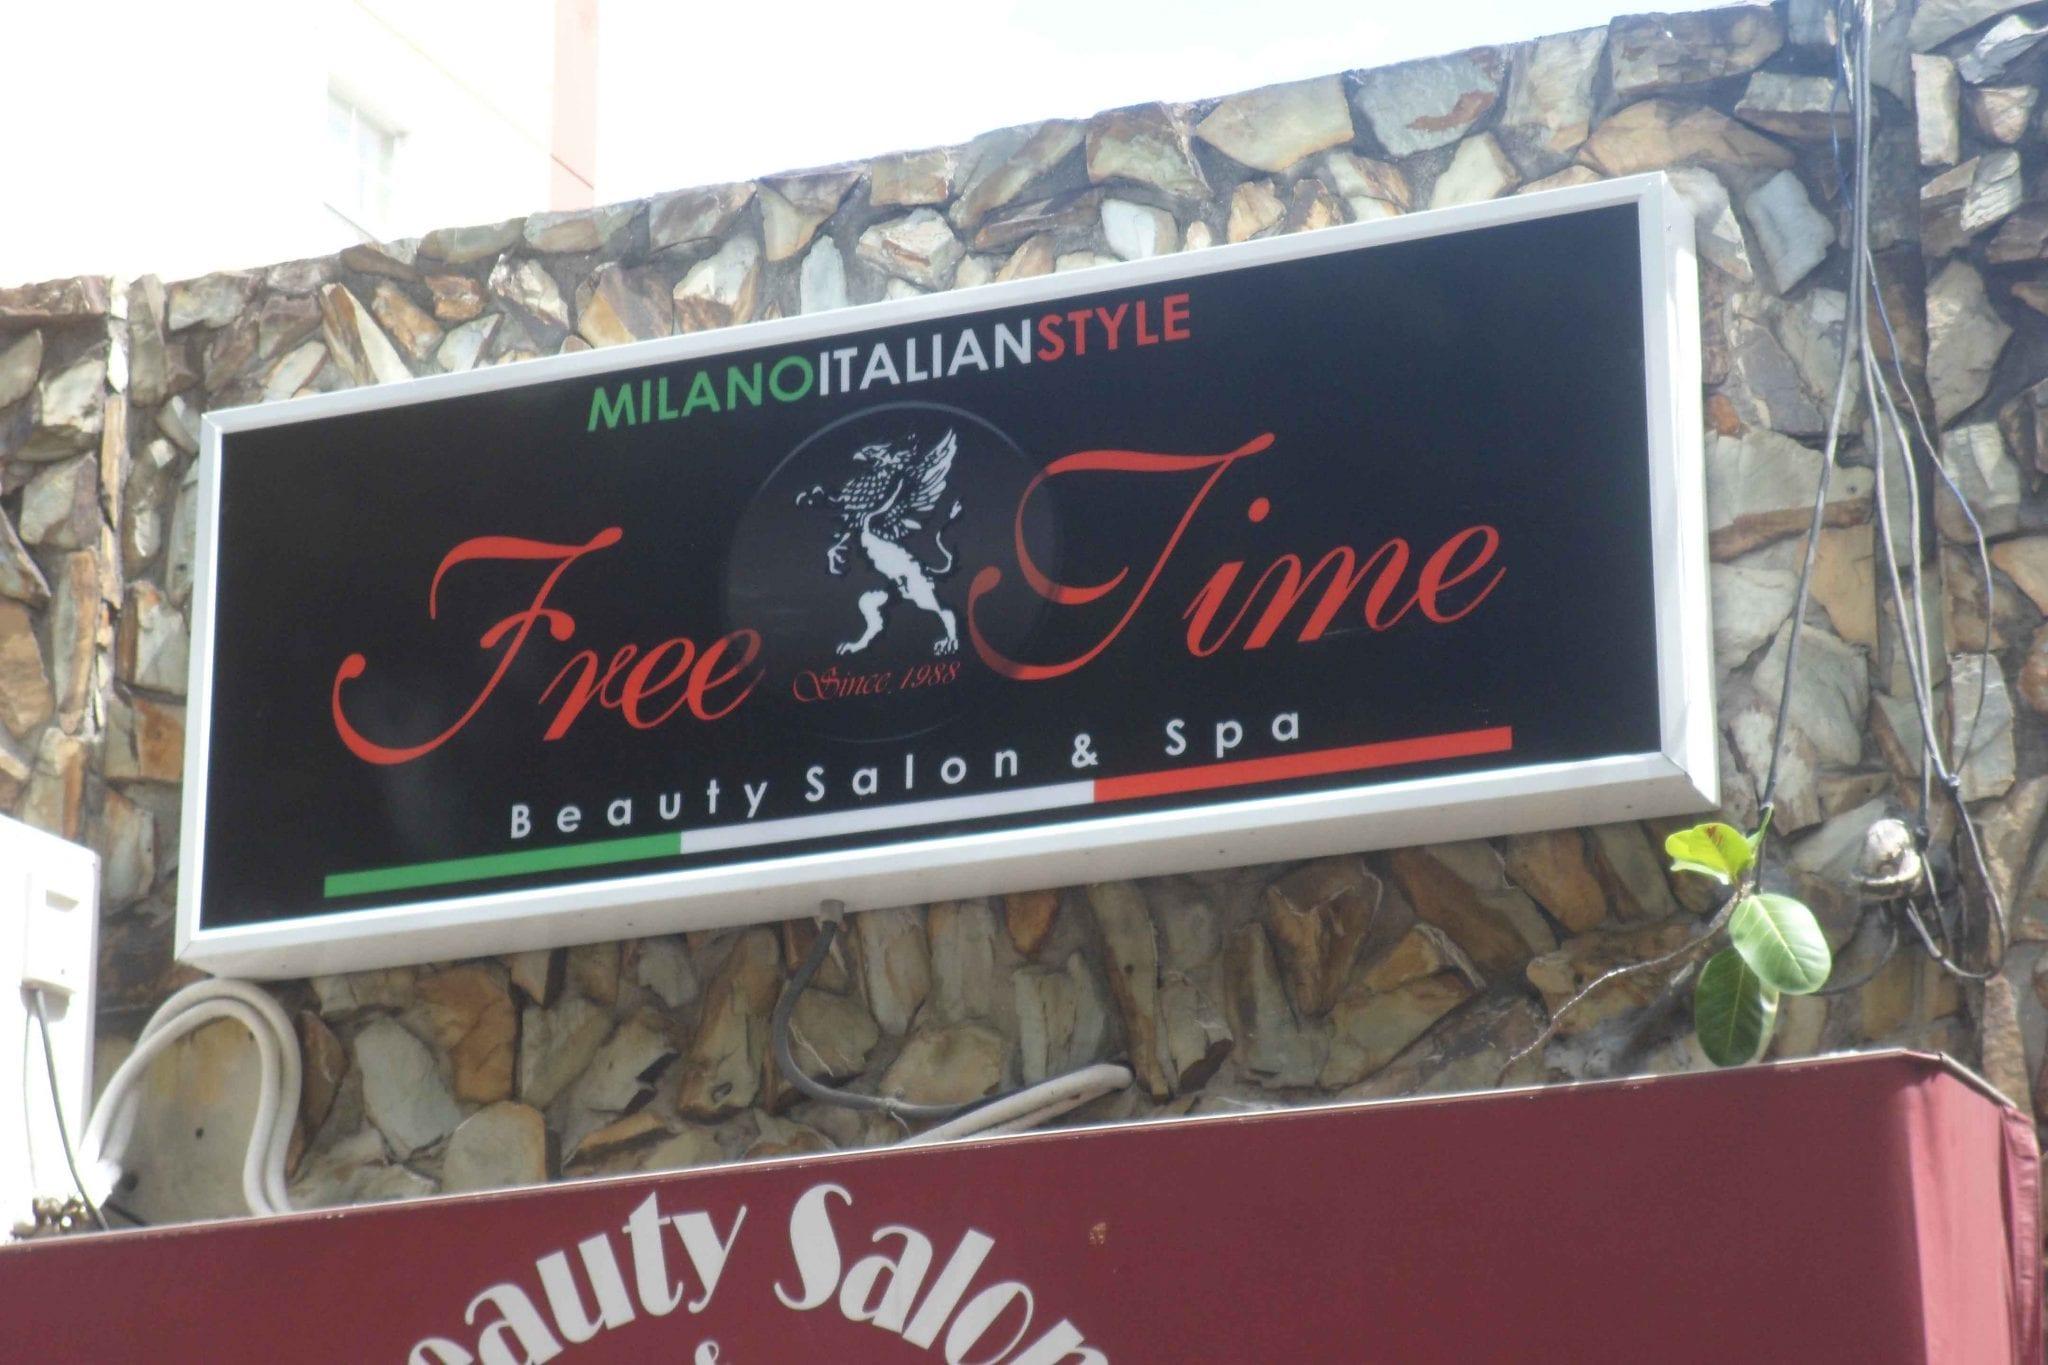 MILANO ITALIAN STYLE